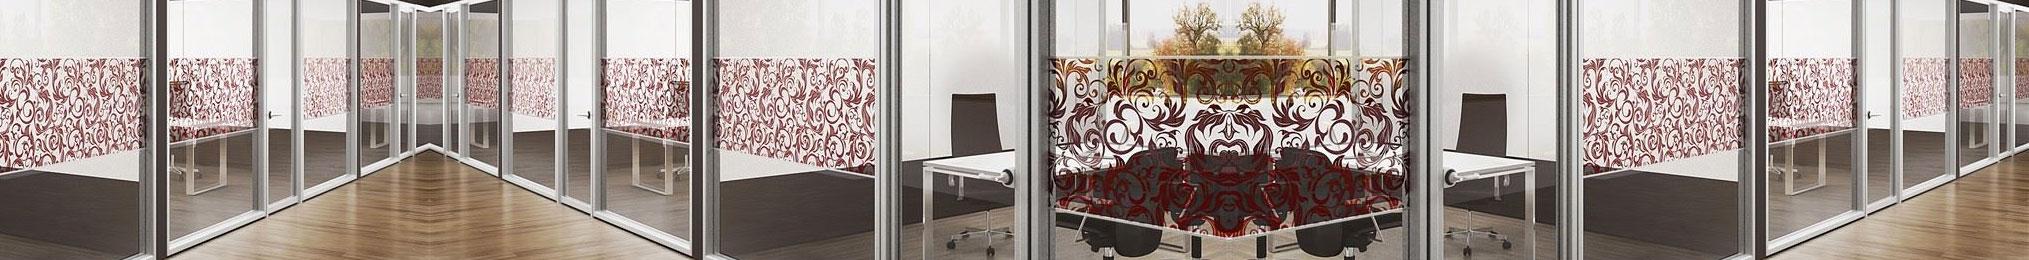 Pareti divisorie fisse o mobili per l 39 ufficio for Pareti divisorie ufficio economiche